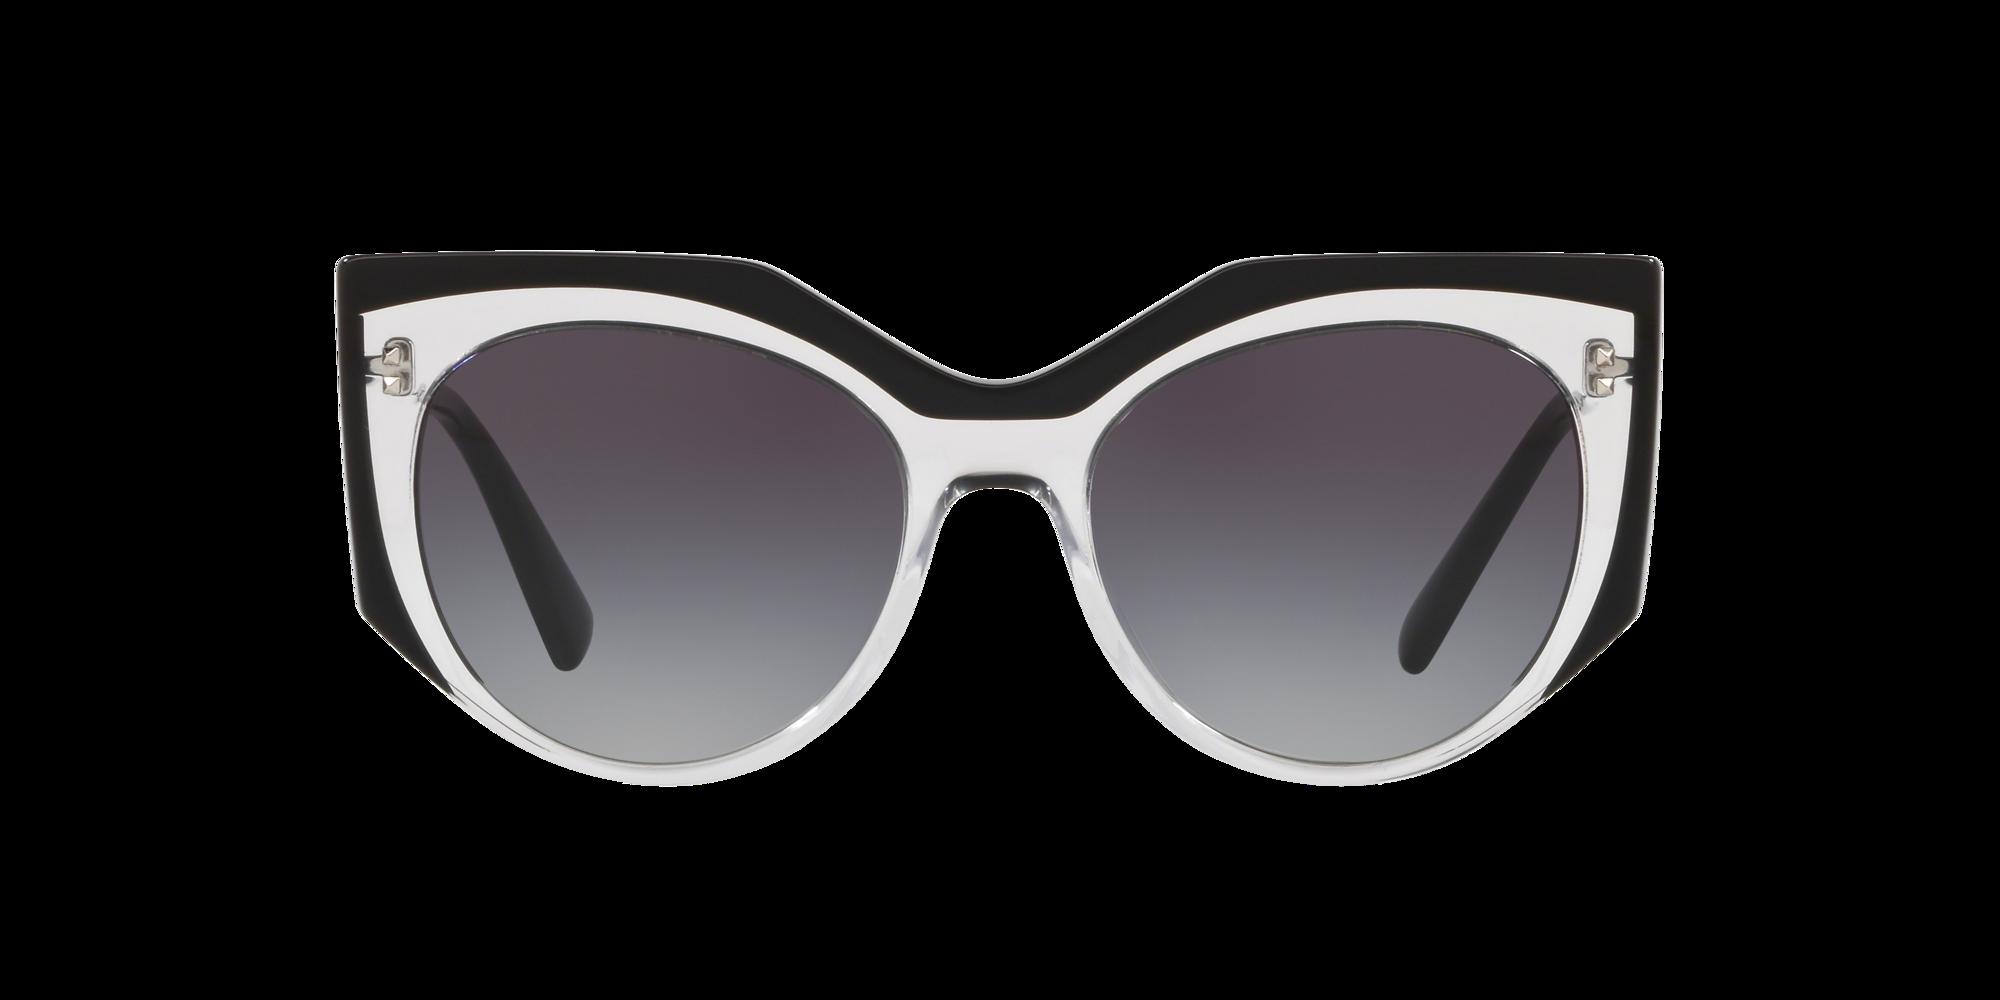 Imagen para VA4033 53 de LensCrafters    Espejuelos, espejuelos graduados en línea, gafas